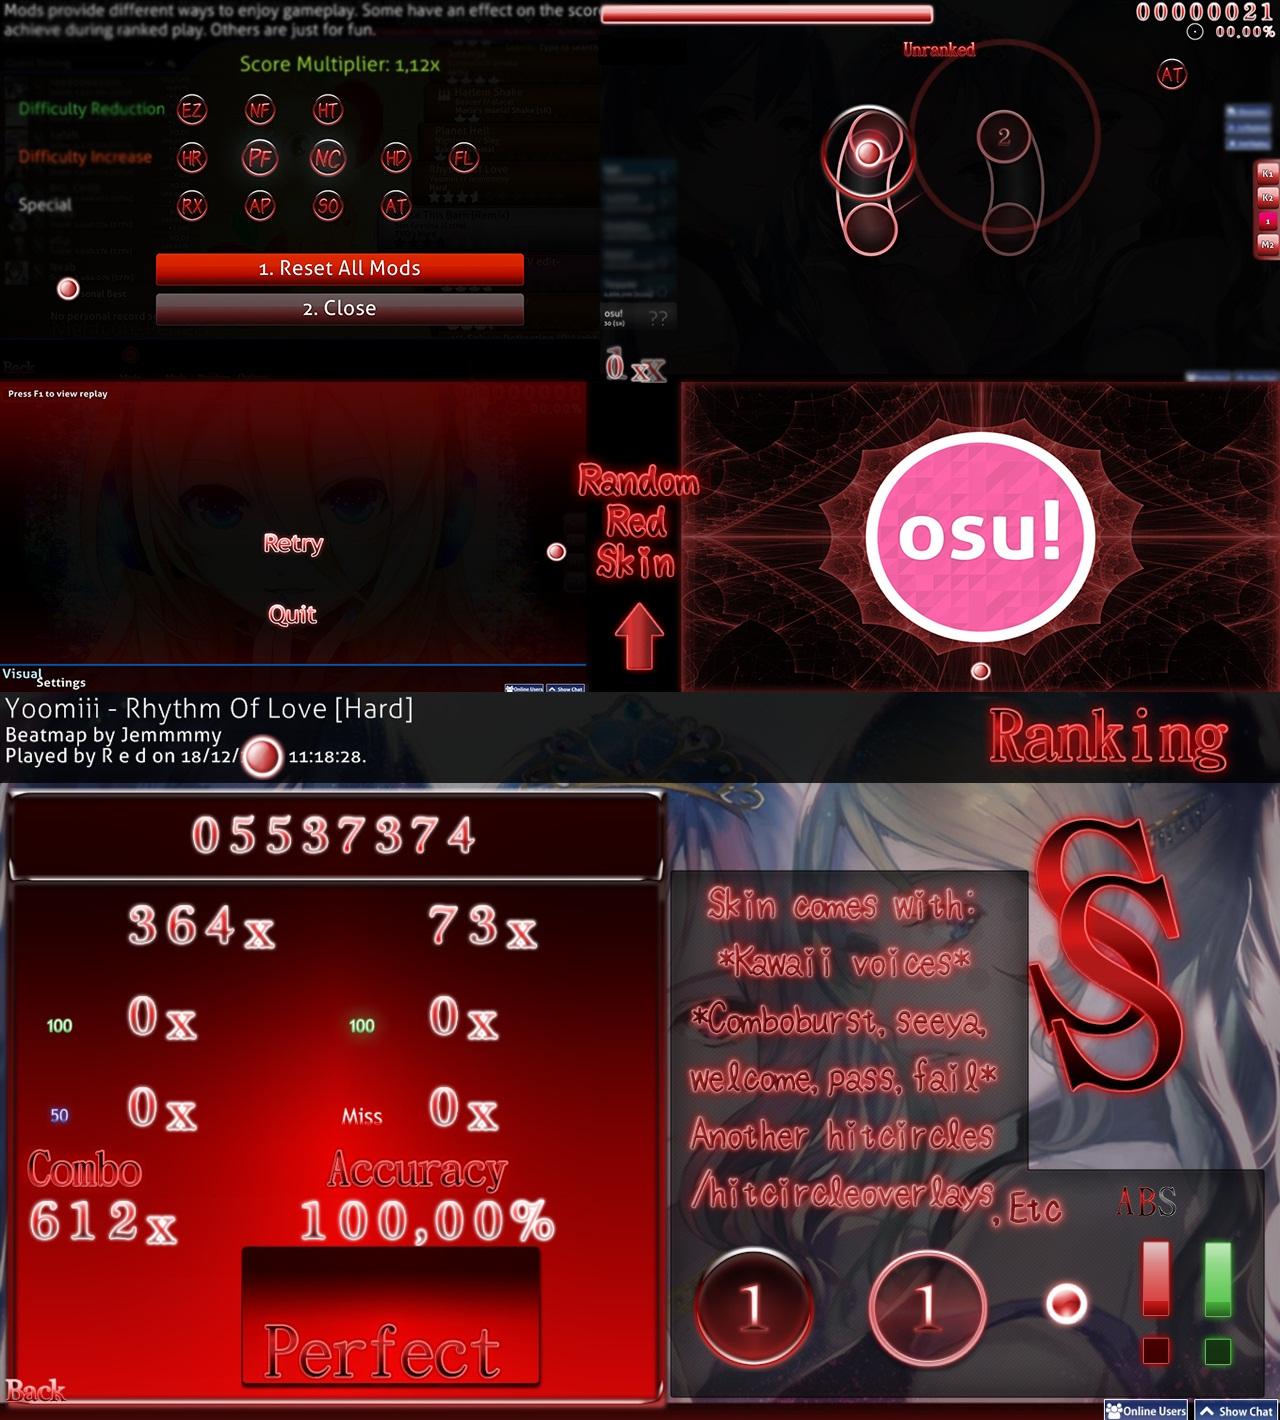 Osu black skin | Osu skins with good cursortrail : osugame  2019-03-01